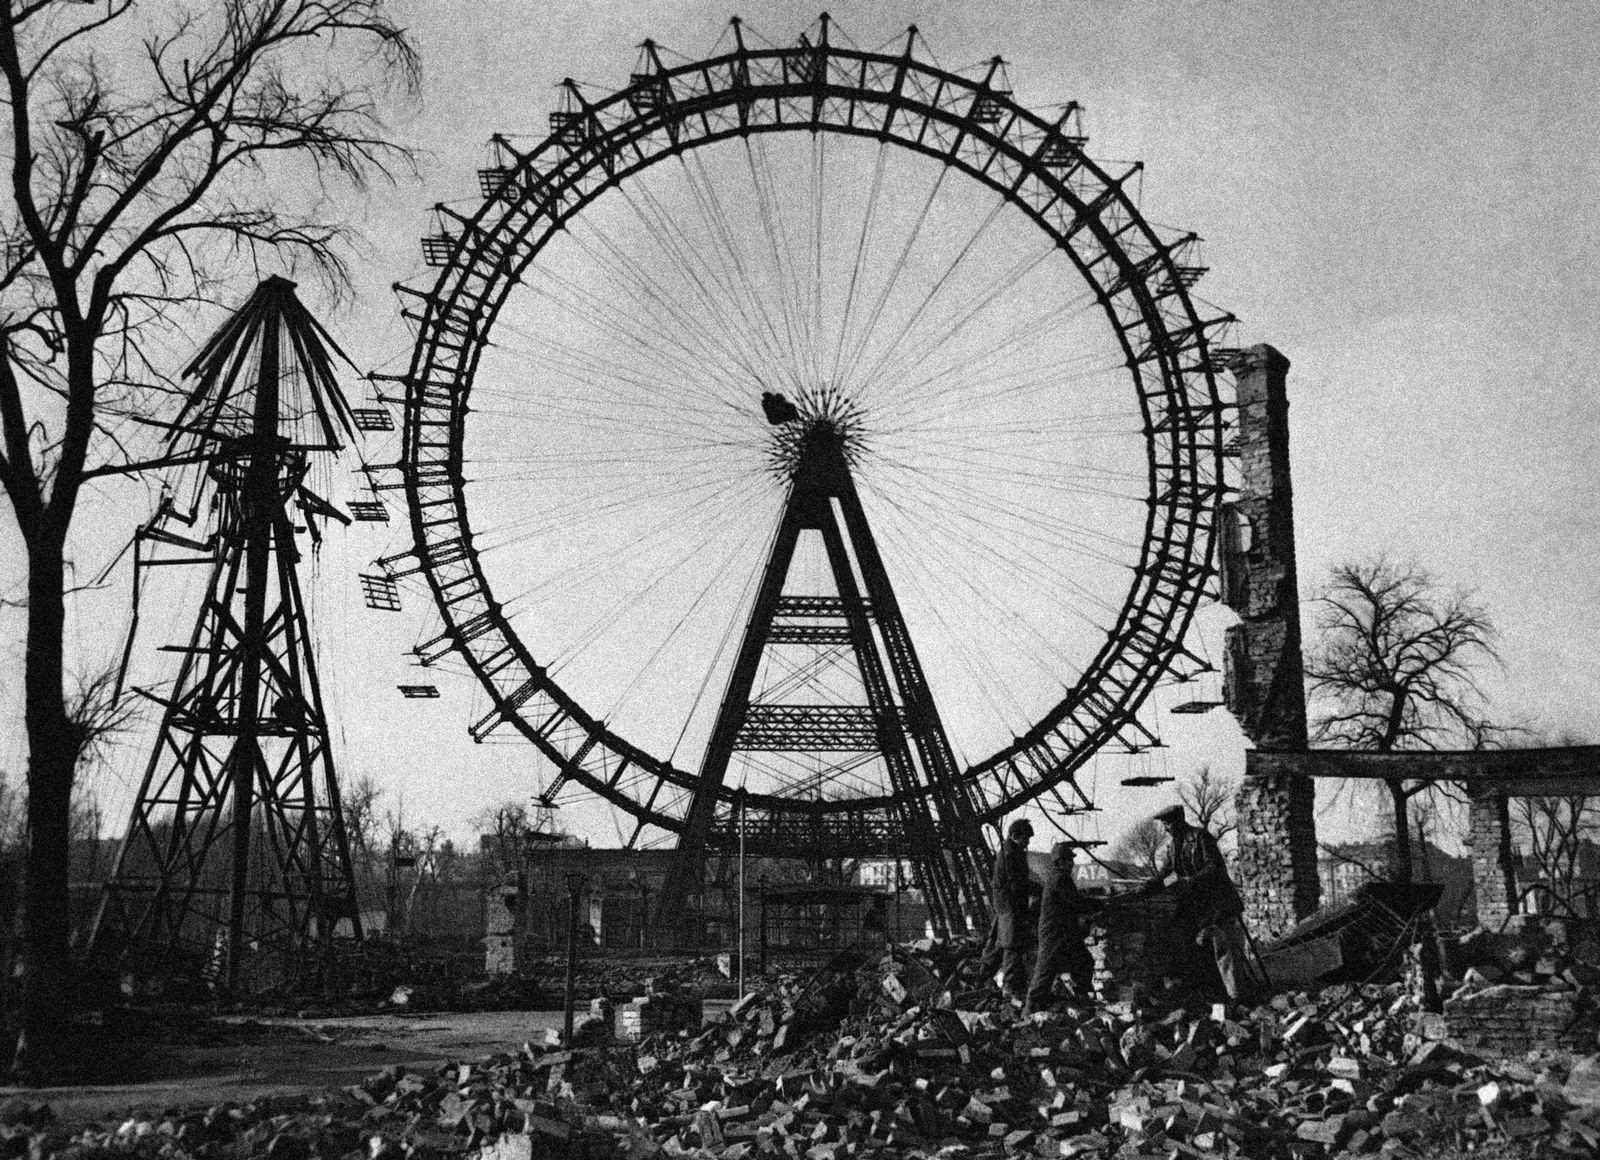 NUR FÜR EINESTAGES - Wiener Riesenrad